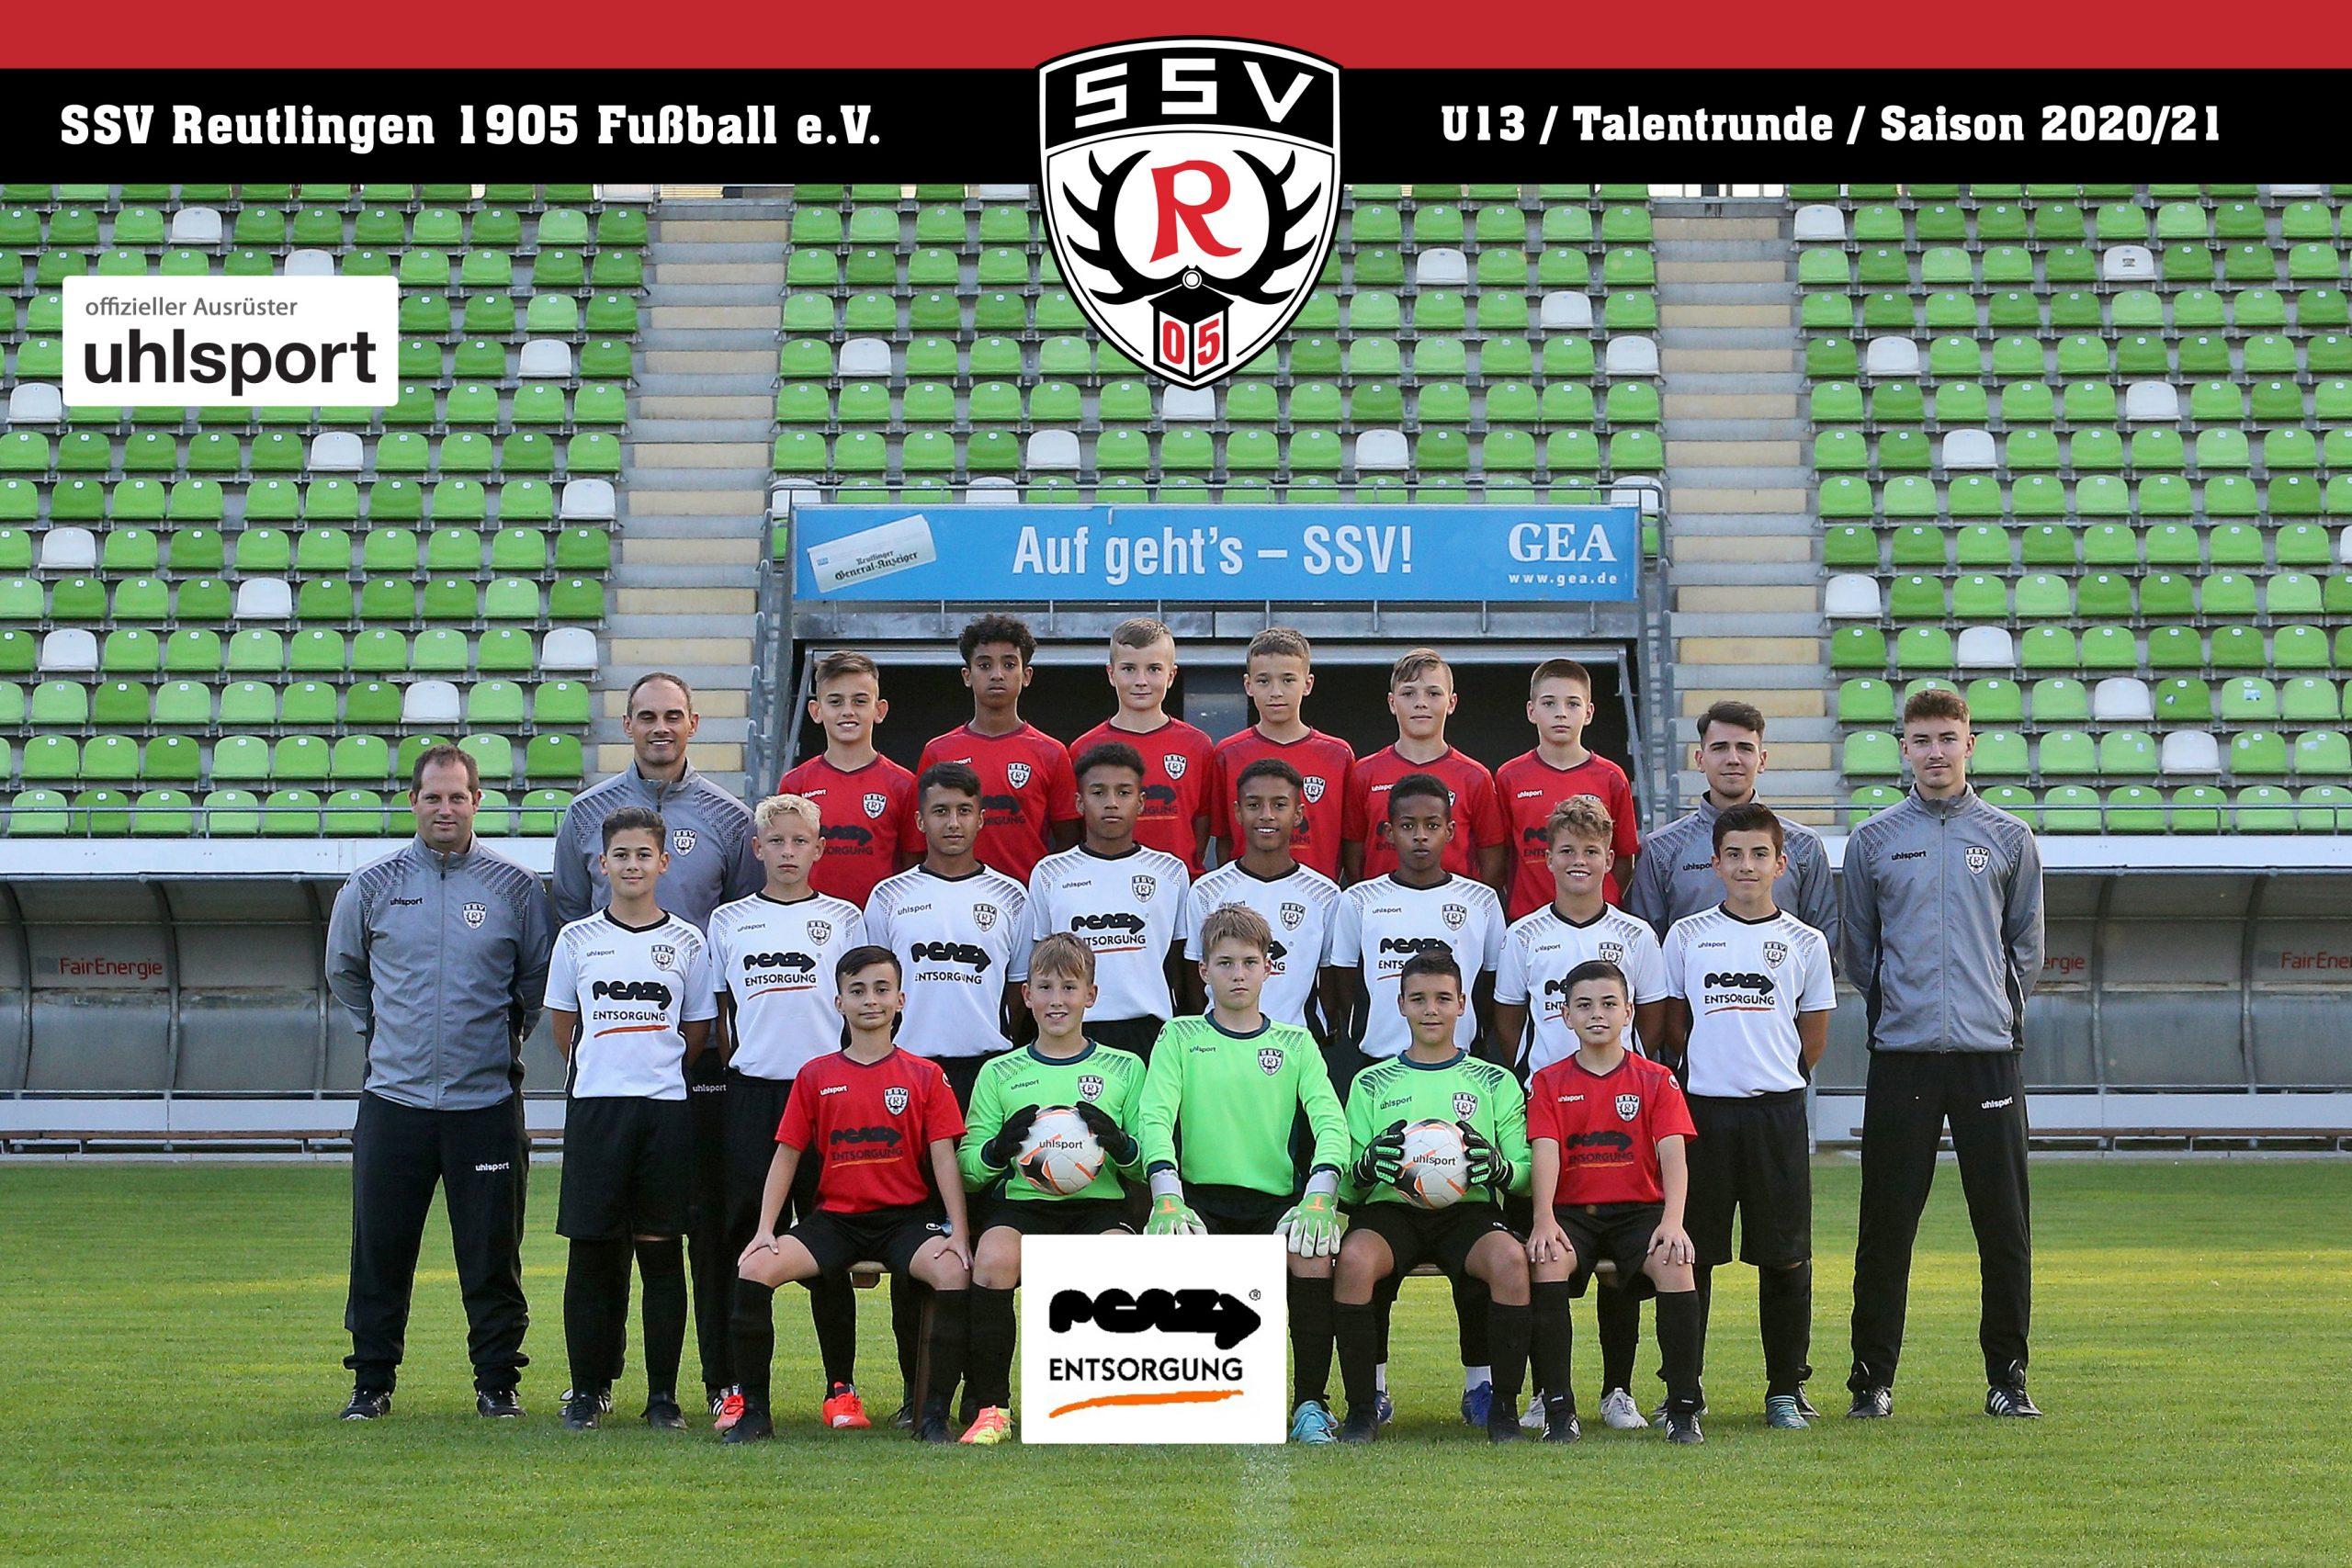 Fussball | SSV Reutlingen / Mannschaft U13 - Saison 2020/21